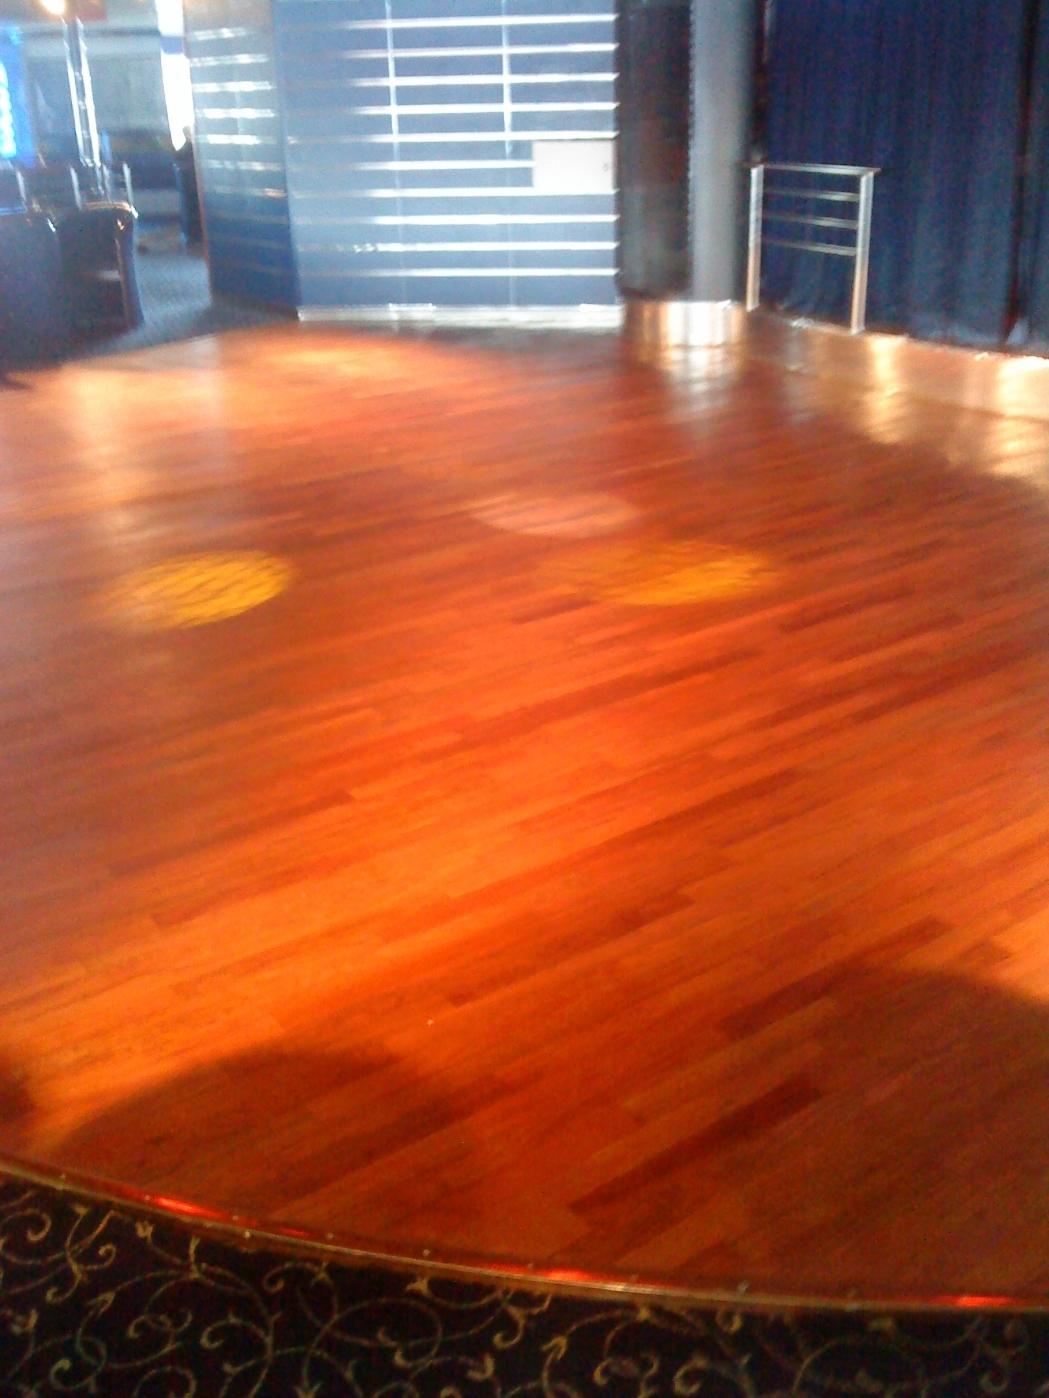 rengøring af lakerede gulve